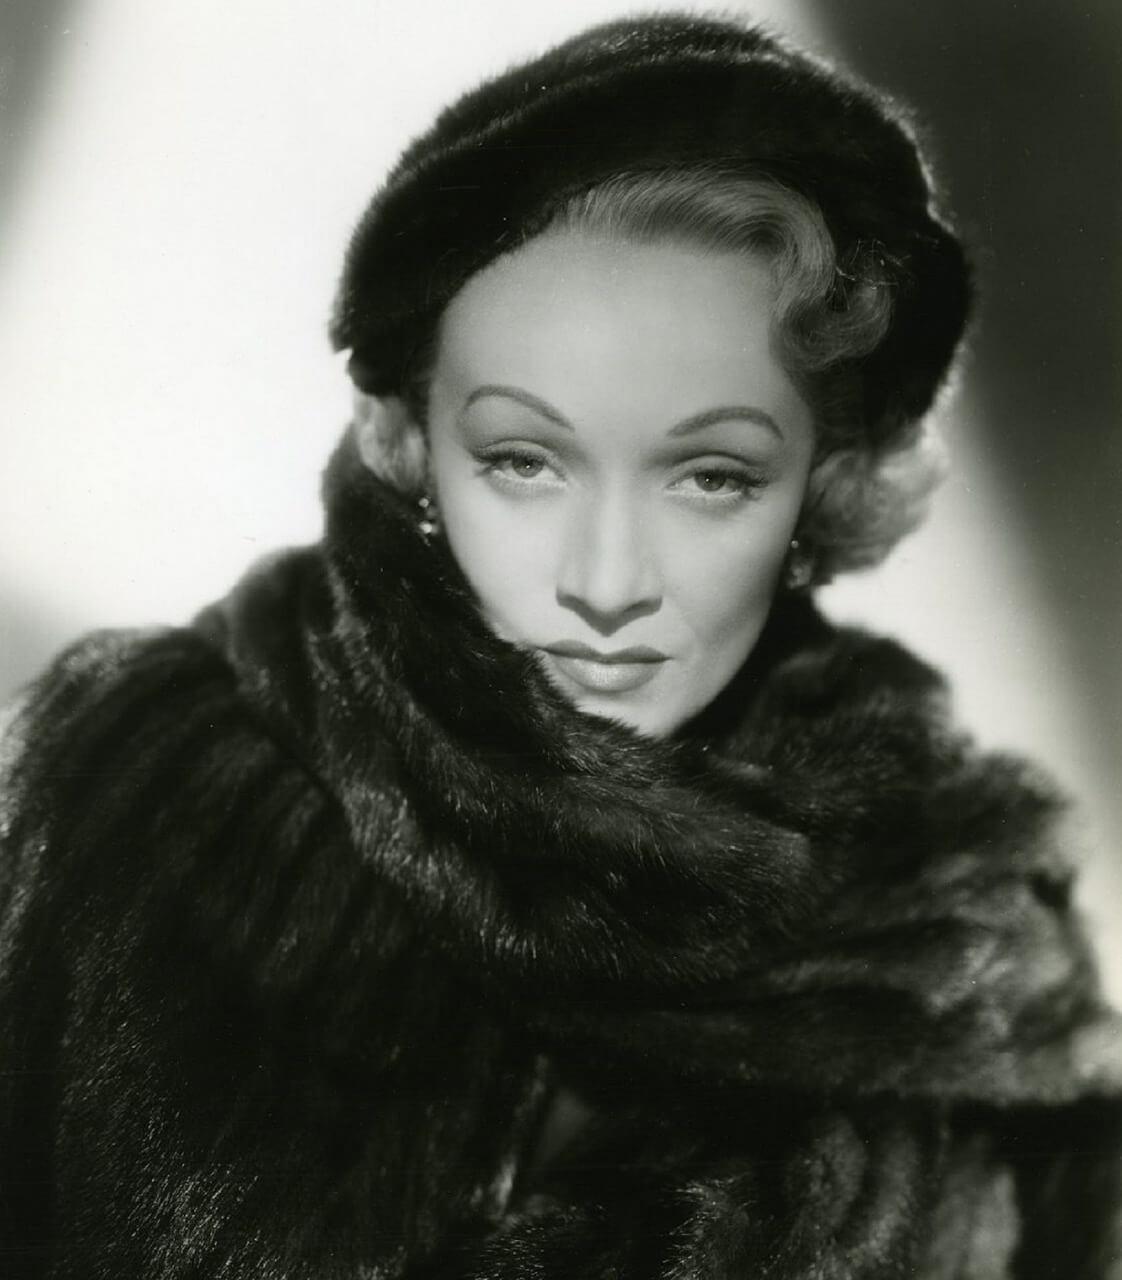 [27.12.] Rođena njemačko-američka glumica i pjevačica Marlene Dietrich